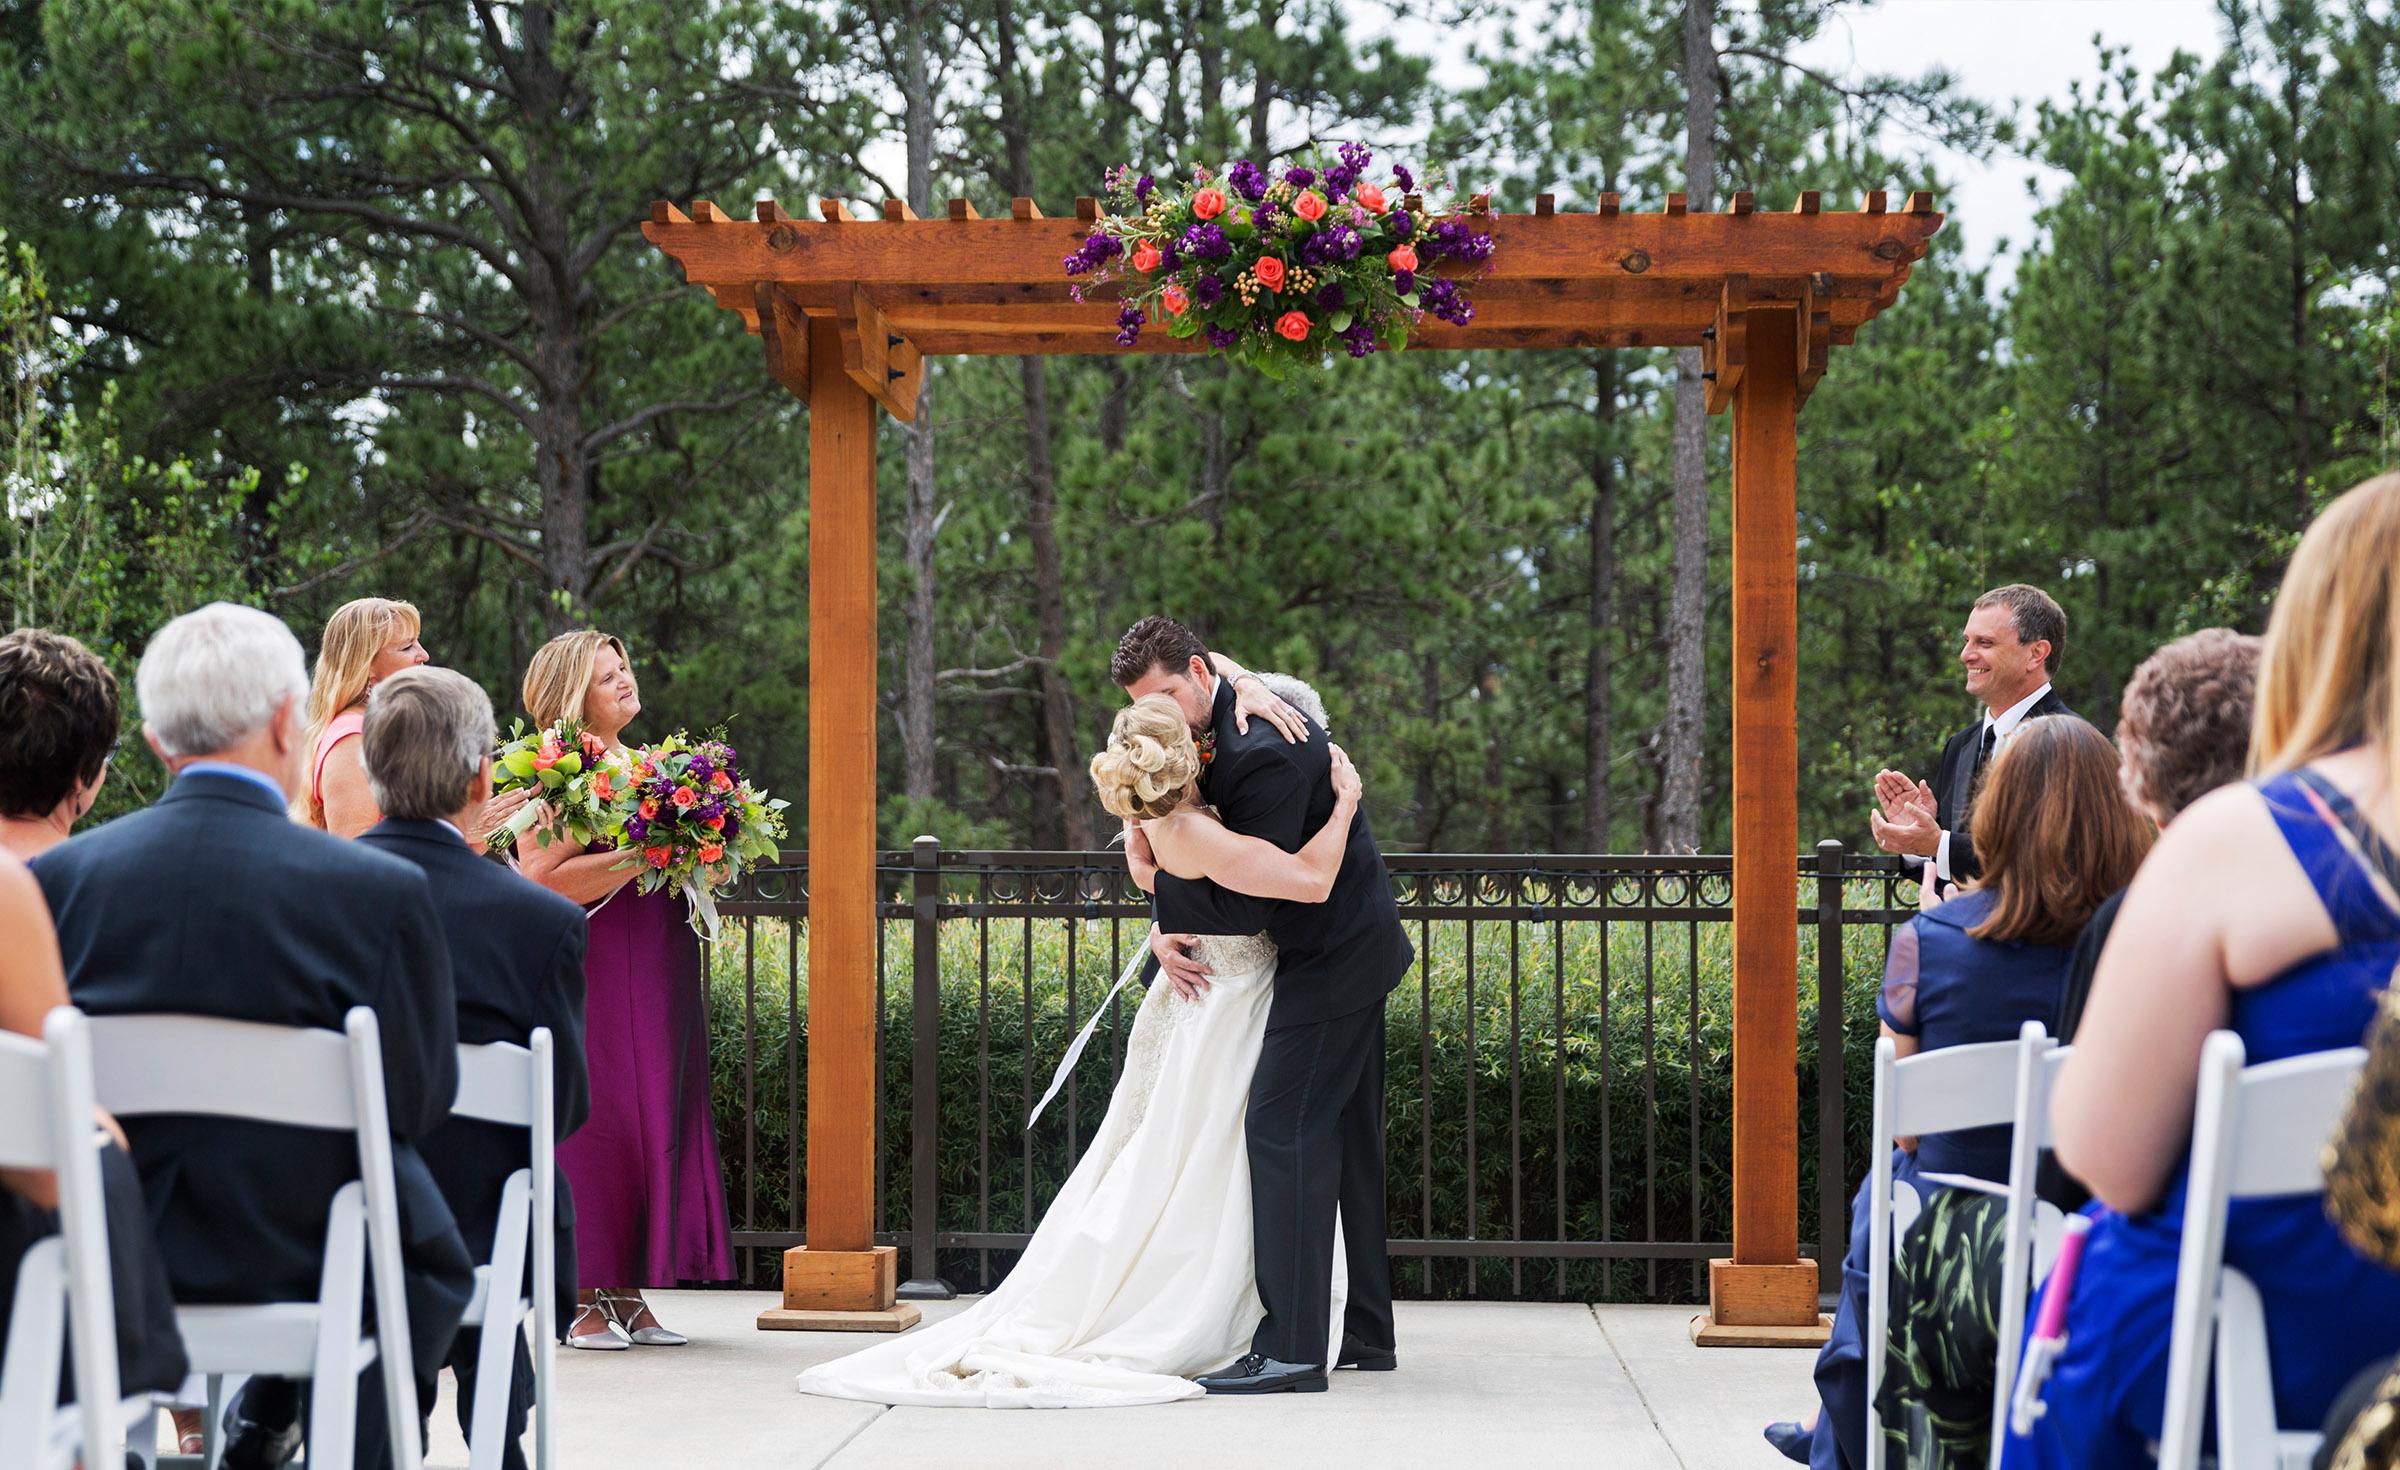 Outdoor ceremony - Black Forest - Colorado Springs, Colorado - El Paso County - Wedgewood Weddings